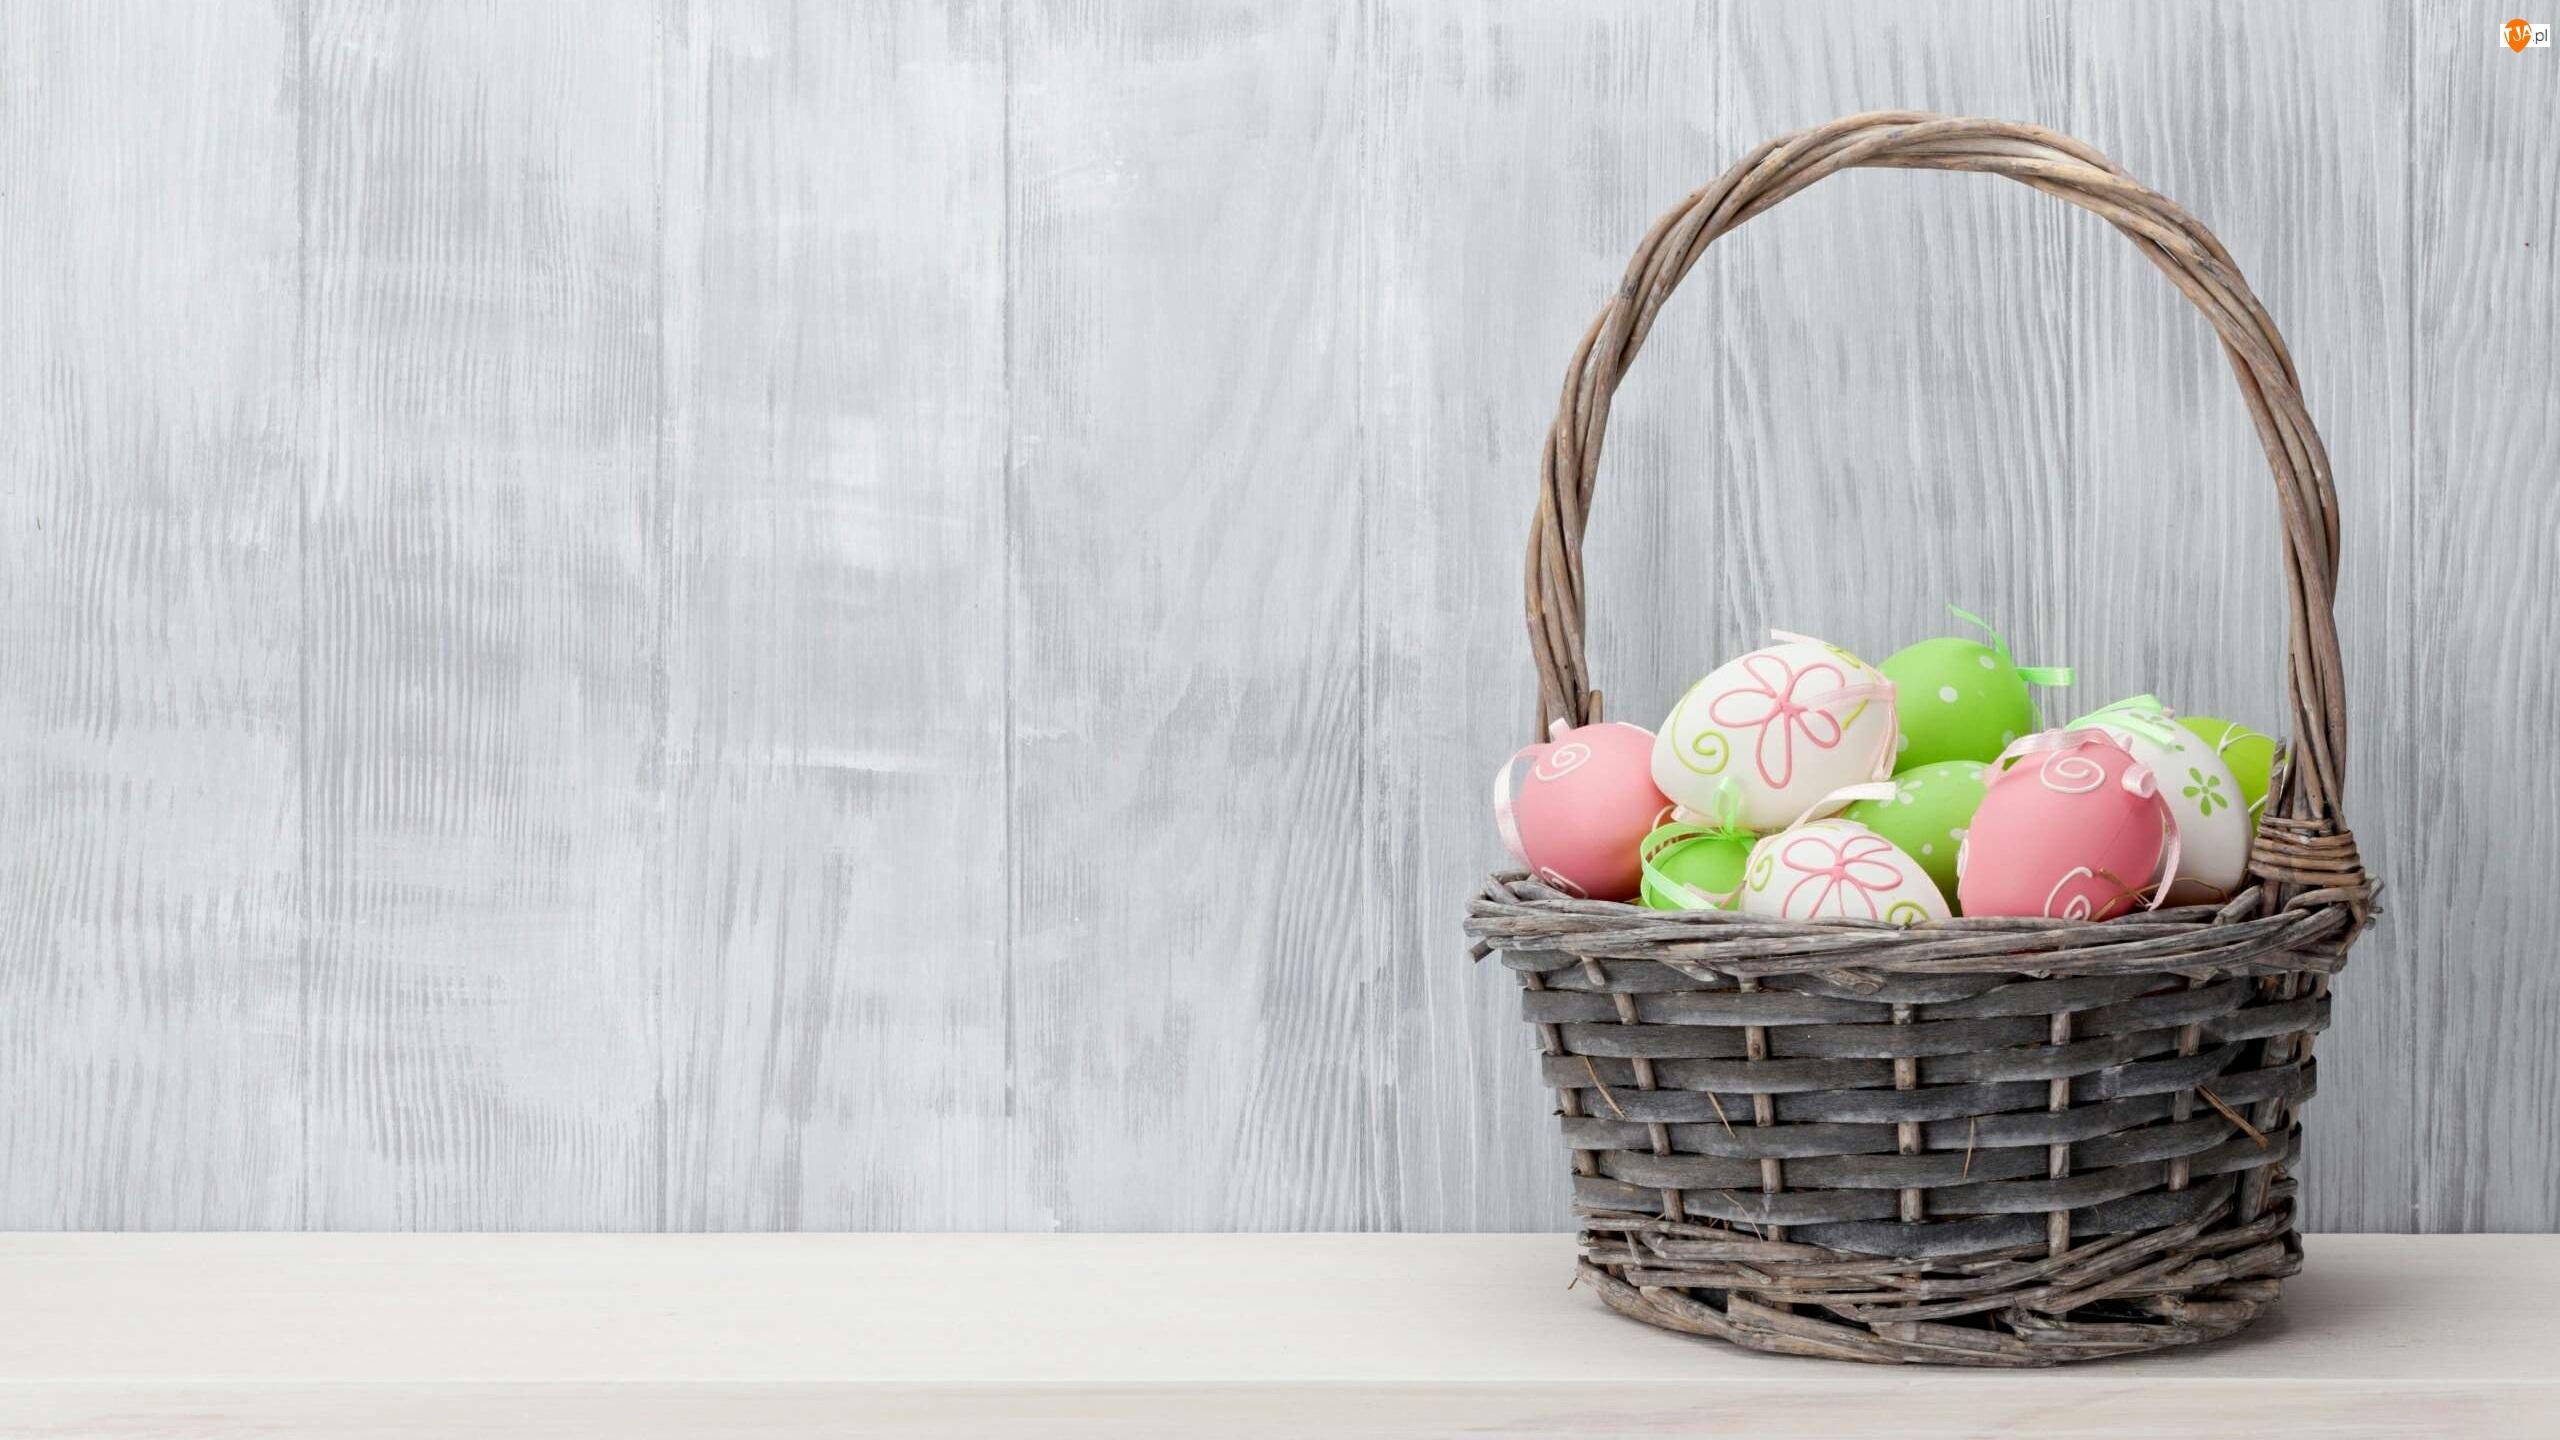 Wielkanoc, Koszyk, Dekoracja, Pisanki